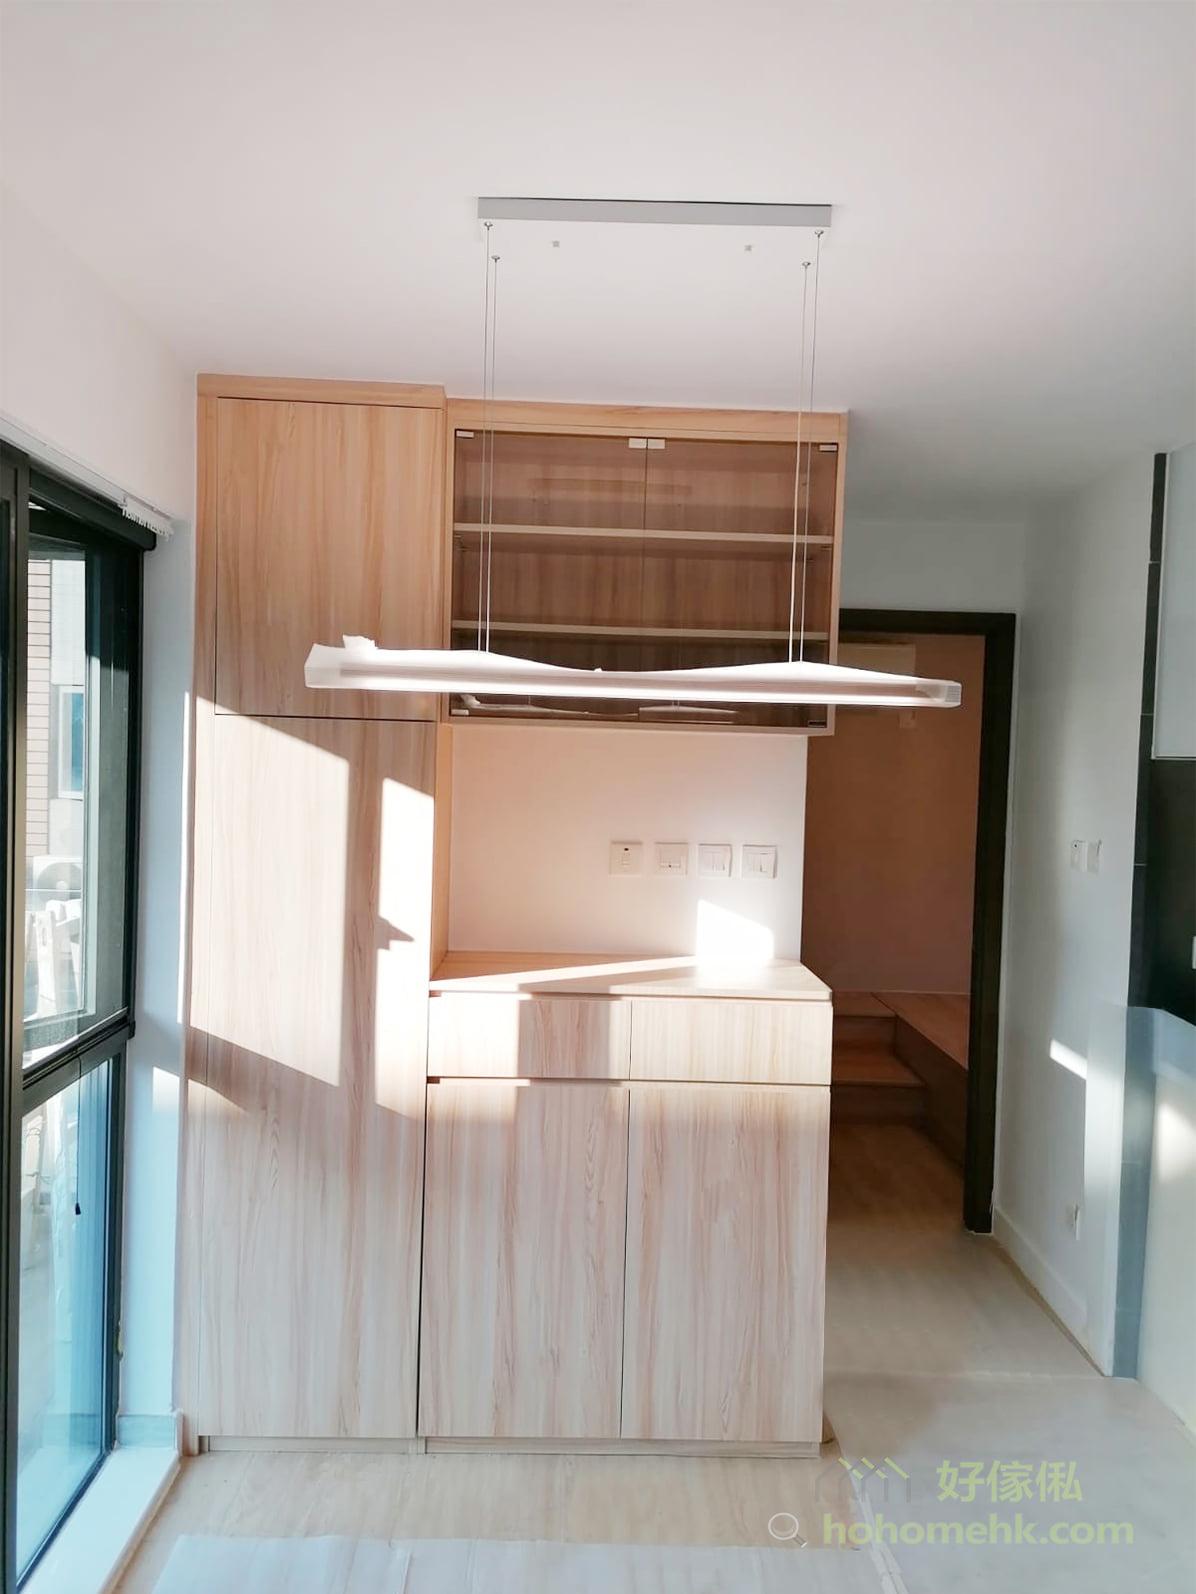 C字櫃很適合拼湊不同類型的收納空間,包括玻璃飾櫃、小型抽屜、鞋櫃、開放式層架、大型的掩門/趟門儲物櫃、雨傘架等,不同形式的櫃門和儲物櫃大小拼湊成富有層次感的飾面,也為家裡各種物品找到合適的存放位置